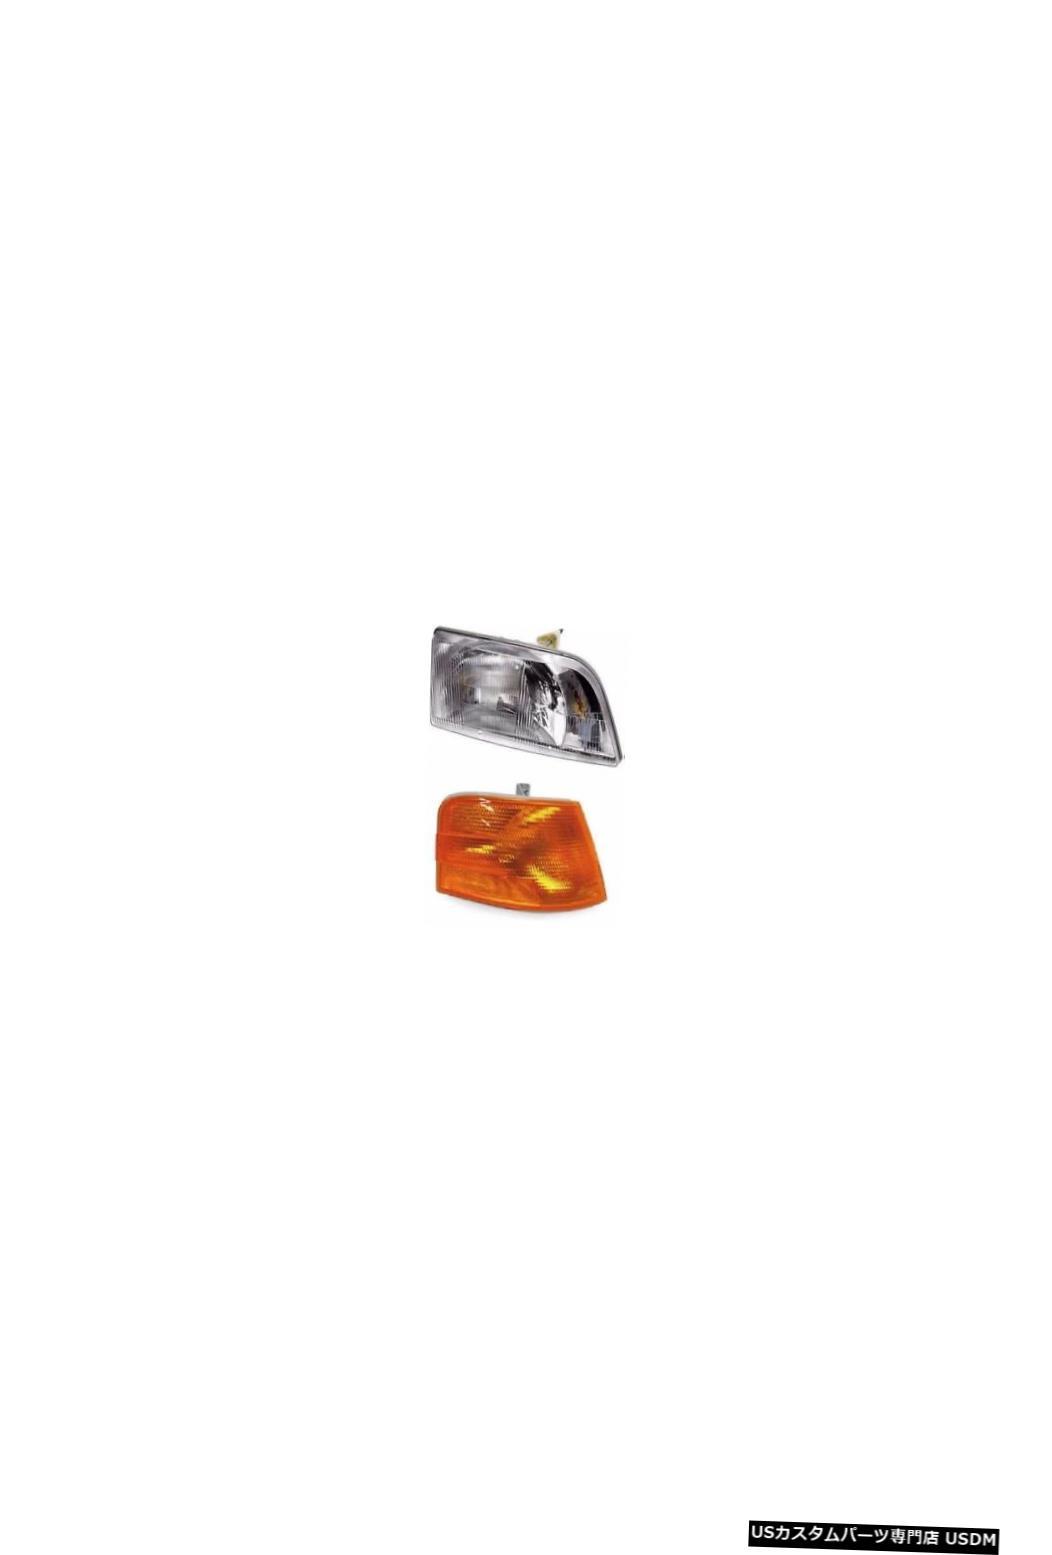 Headlight VOLVO VNL VMN 200300 1996-2003 DAYCABトラックヘッドライト、コーナーライト付き VOLVO VNL VMN 200 300 1996-2003 DAYCAB Truck Headlight with Corner RIGHT